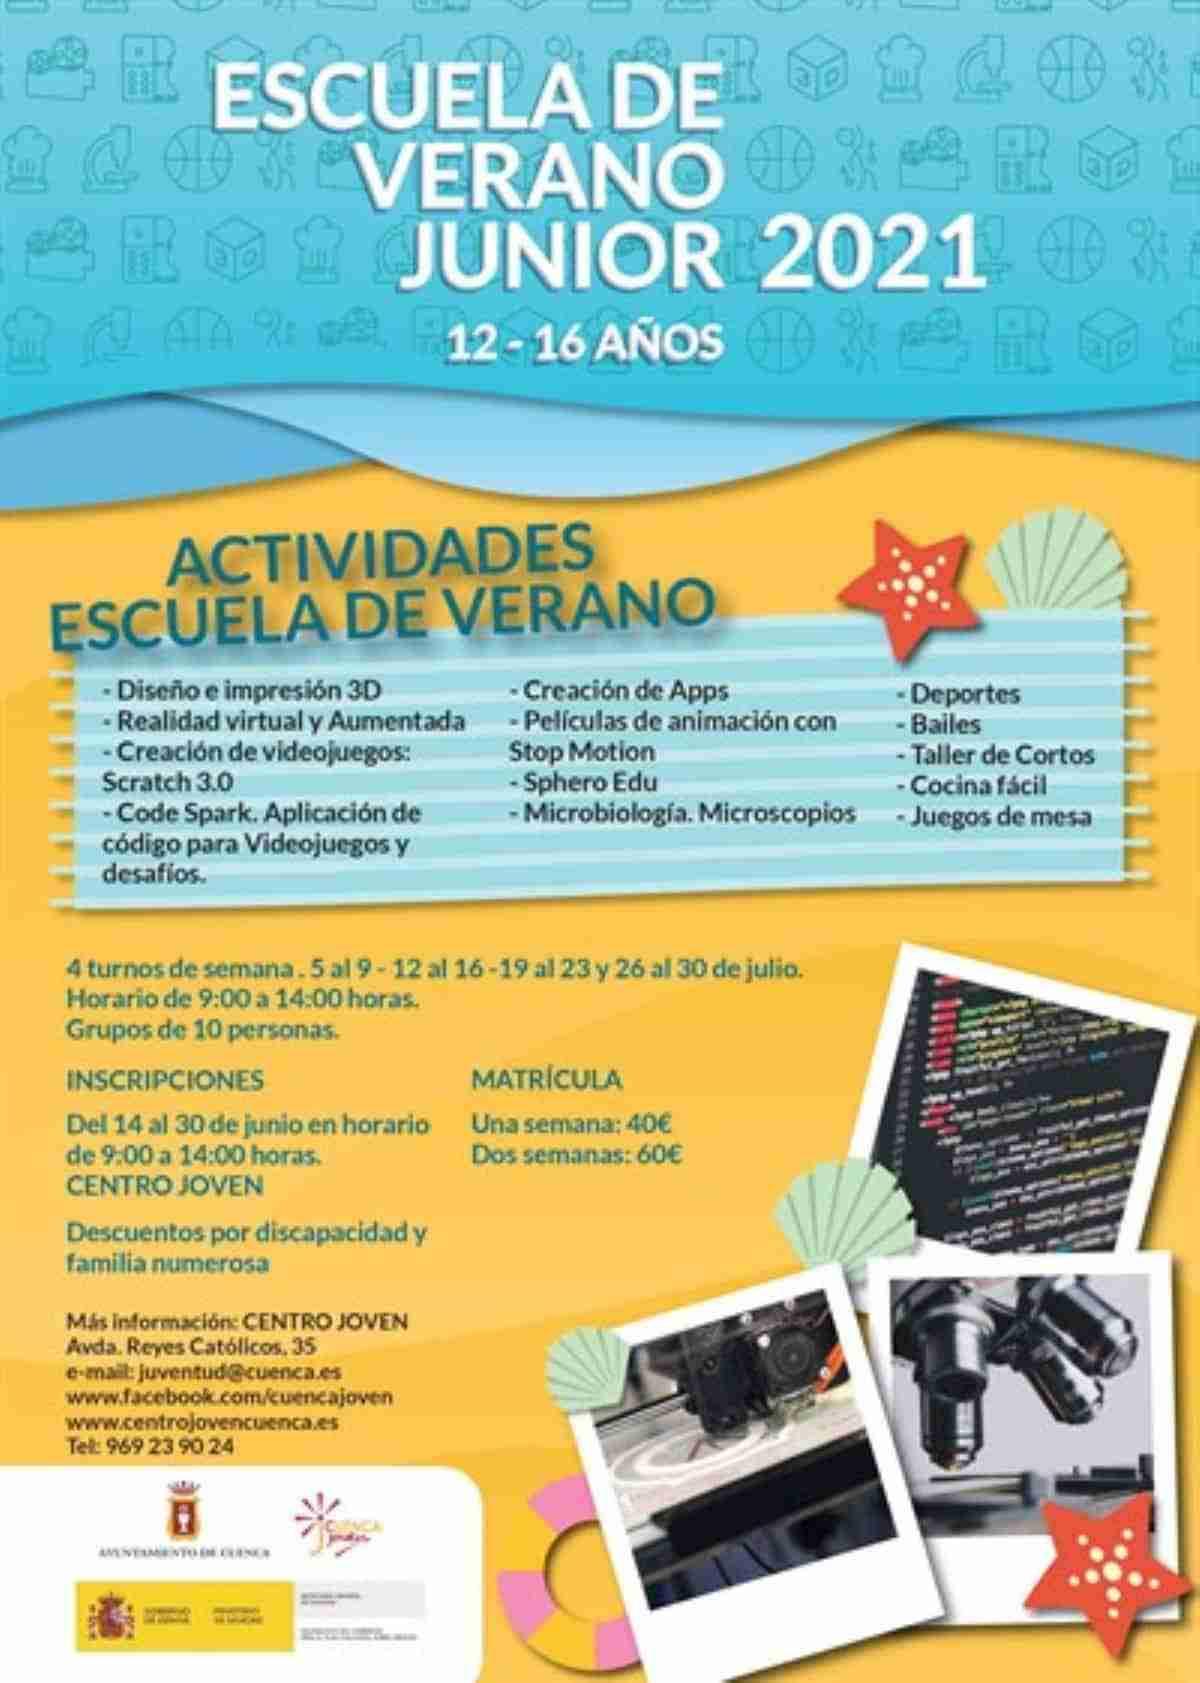 inscripcion escuela de verano junior 2021 cuenca